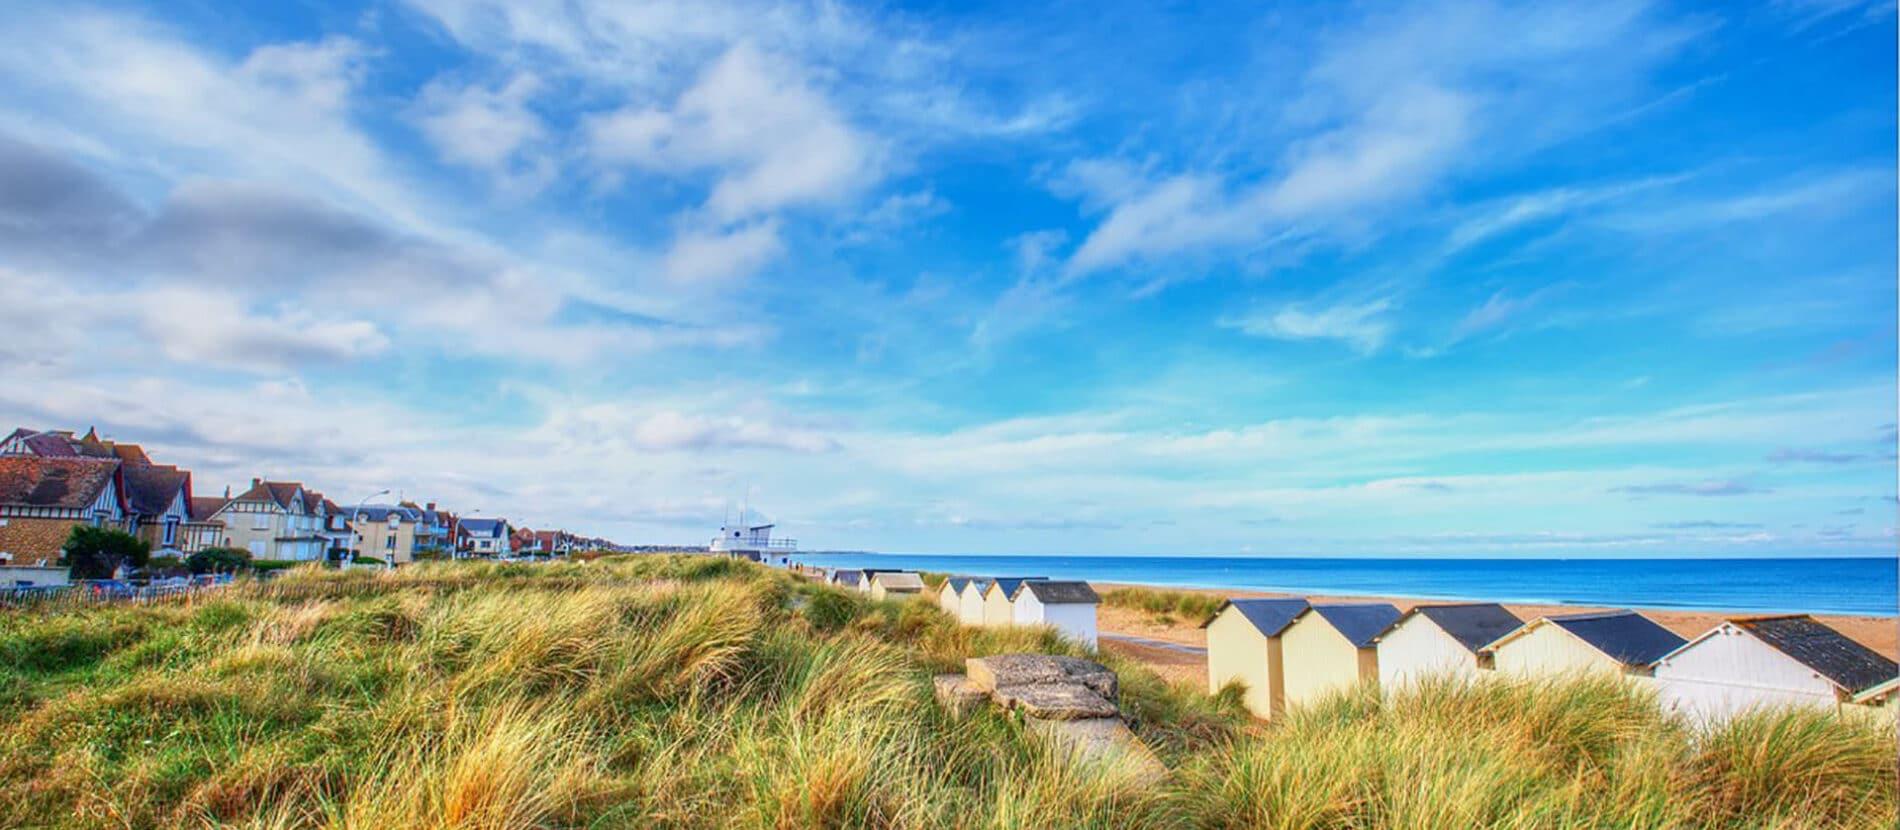 Les cabines et la plage de Ouistreham